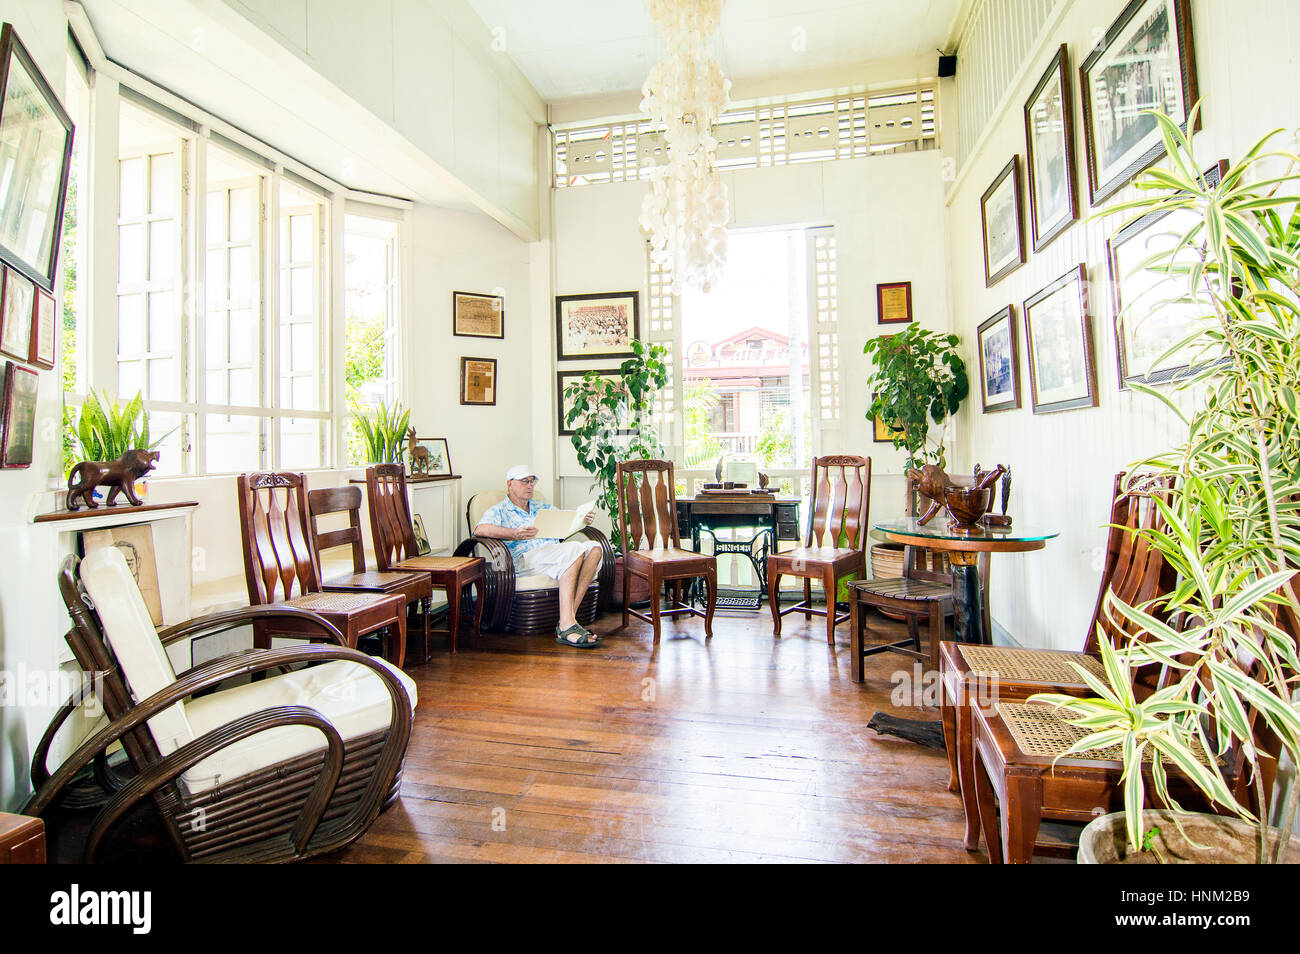 Delightful Veranda, Oboza Heritage House, Rizal Street, Davao, Davao Del Sur,  Philippines